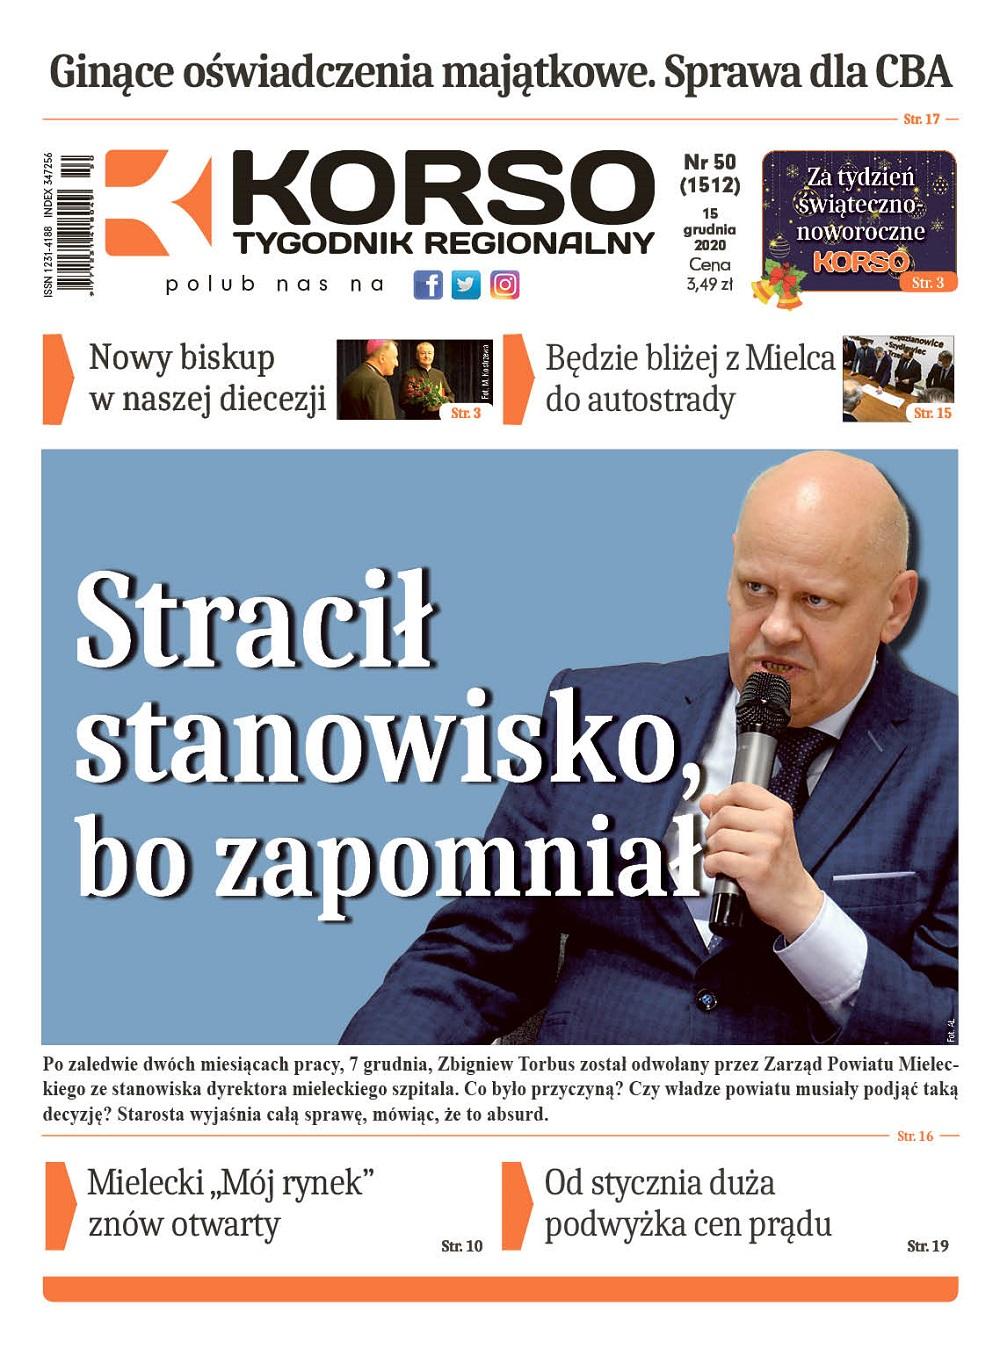 Tygodnik Regionalny KORSO nr 50/2020 - Zdjęcie główne